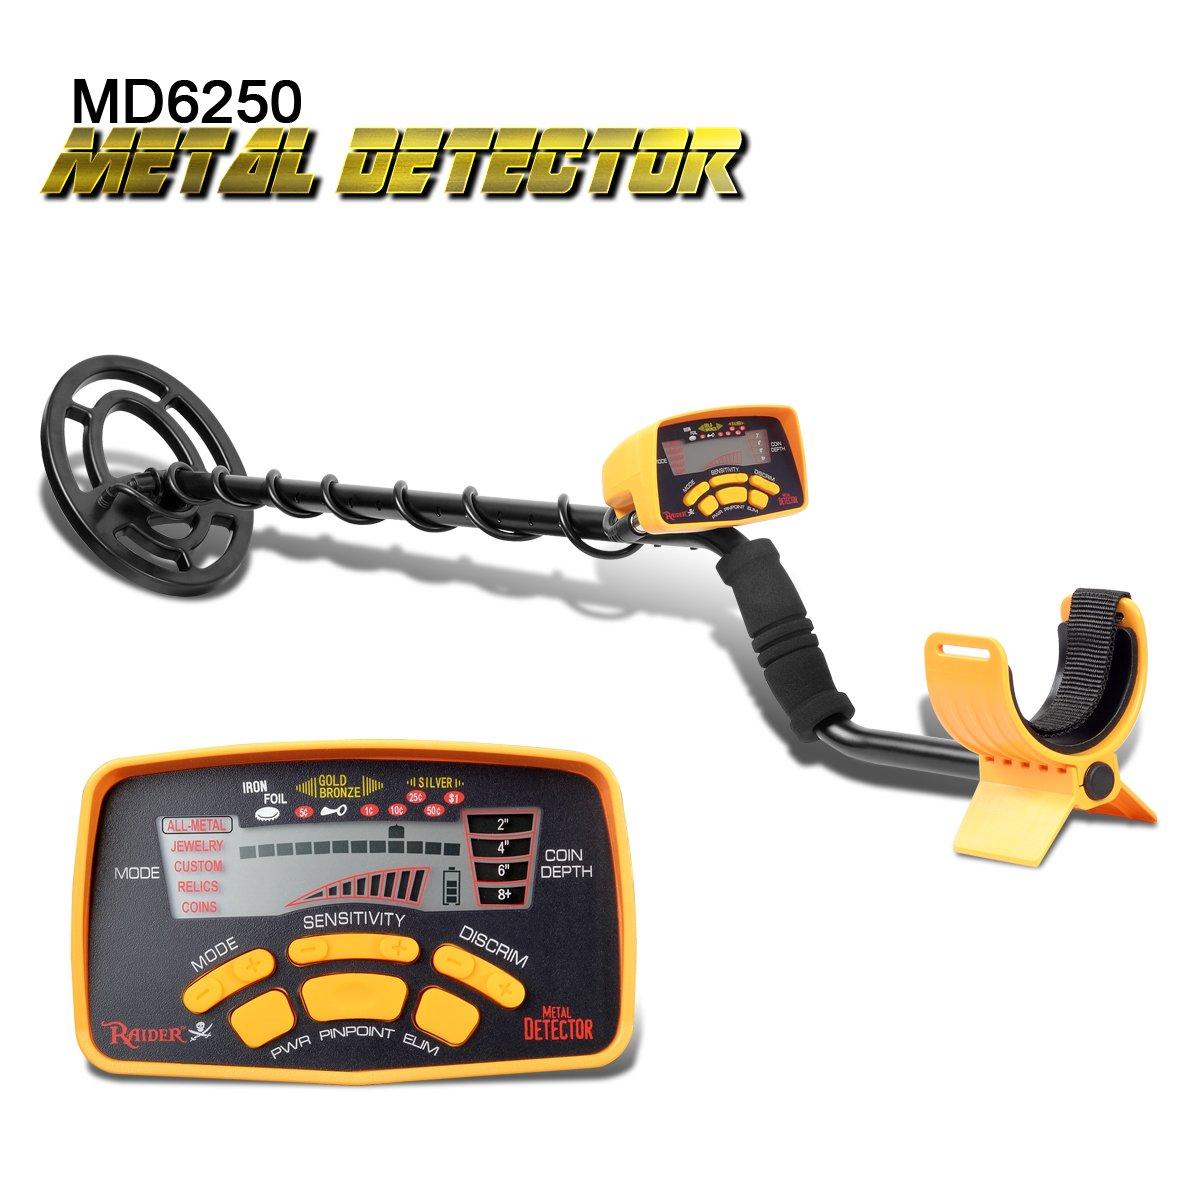 Detector de metales shuogou md-6250 profesional de alta sensibilidad impermeable Detector de metales subterráneo - caza del tesoro búsqueda pantalla LCD: ...